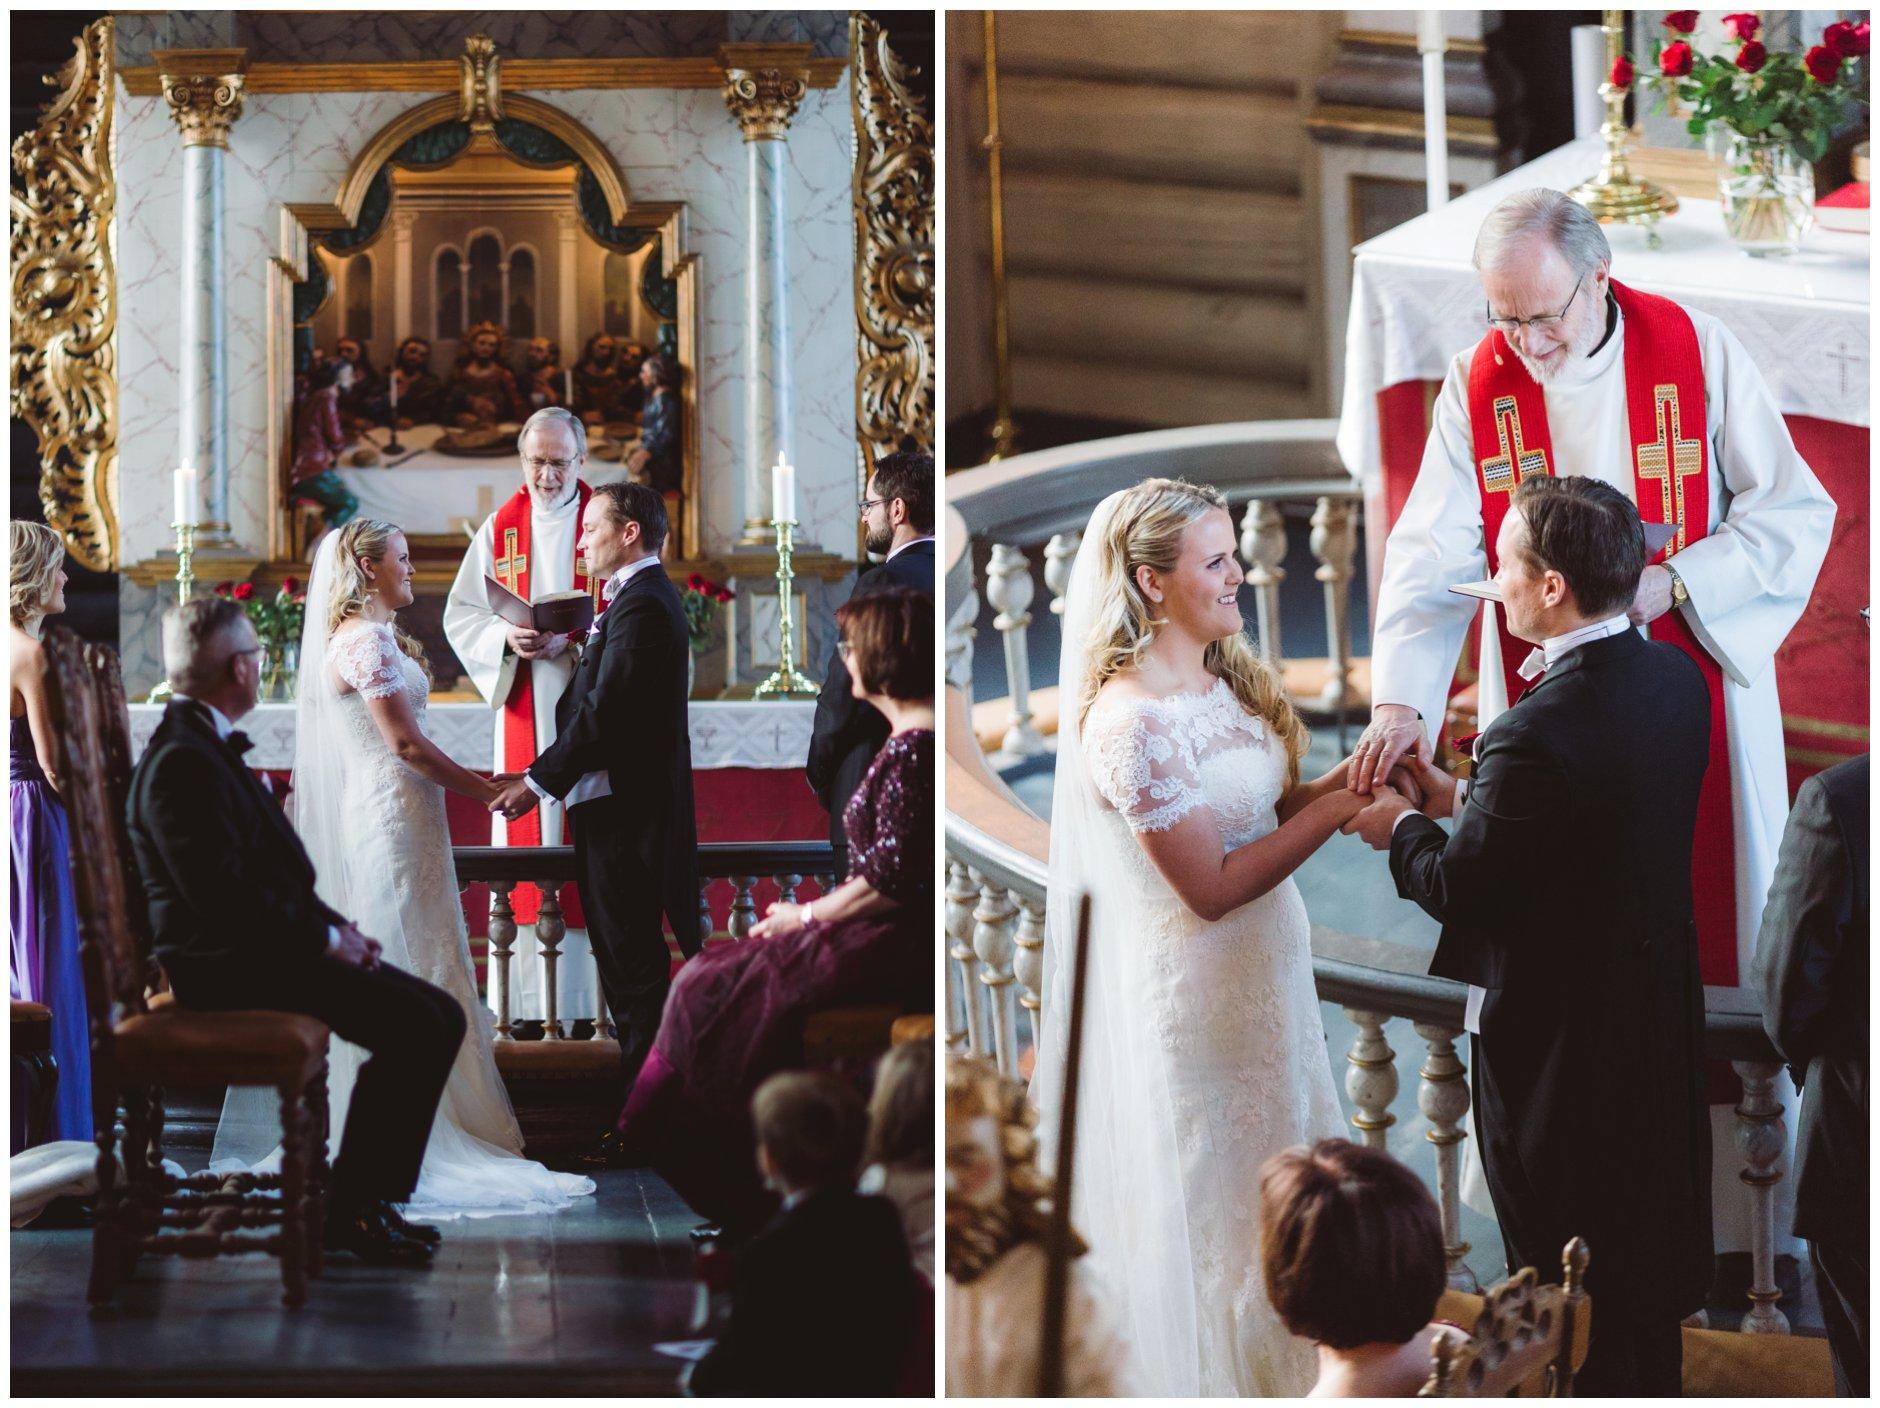 Fotograf-Eline-Jacobine-Vinterbryllup-Malene-og-Per-Kristian_0055